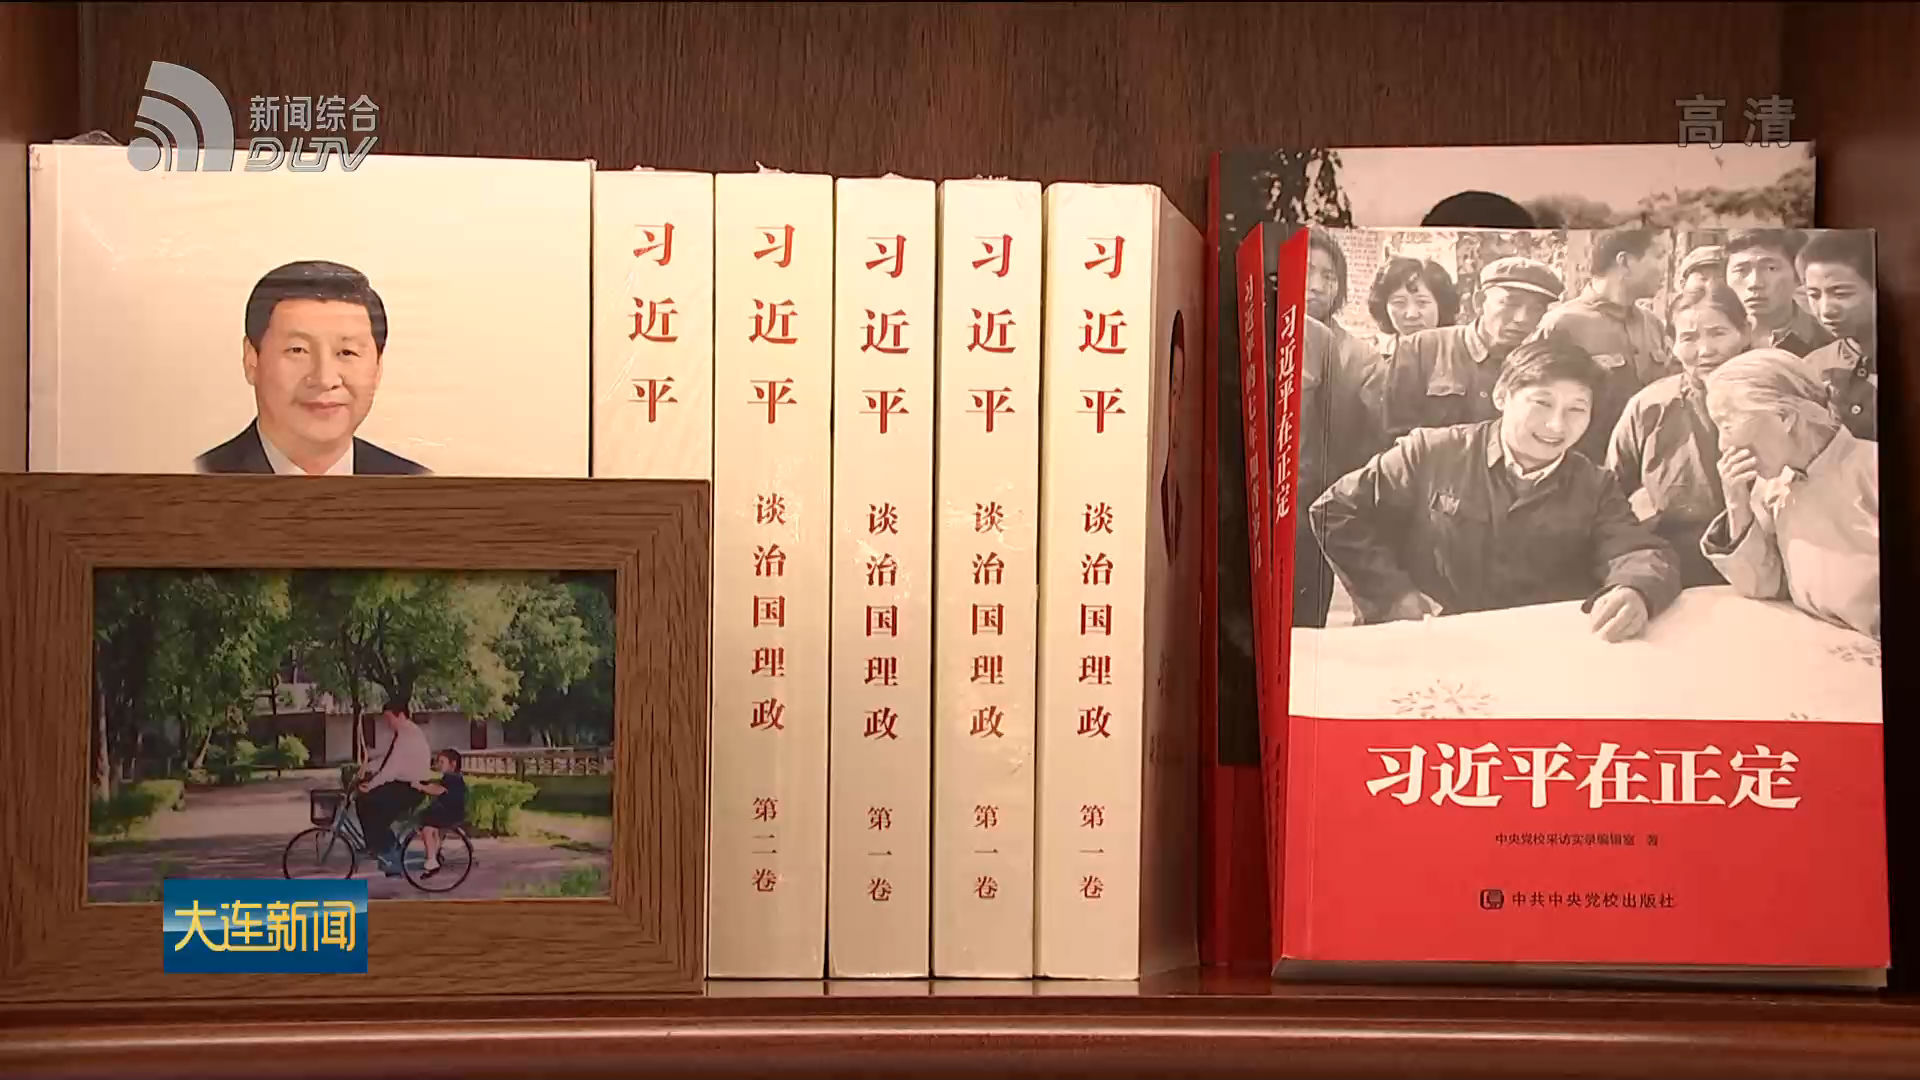 滨城书店展示展销近百种优秀出版物